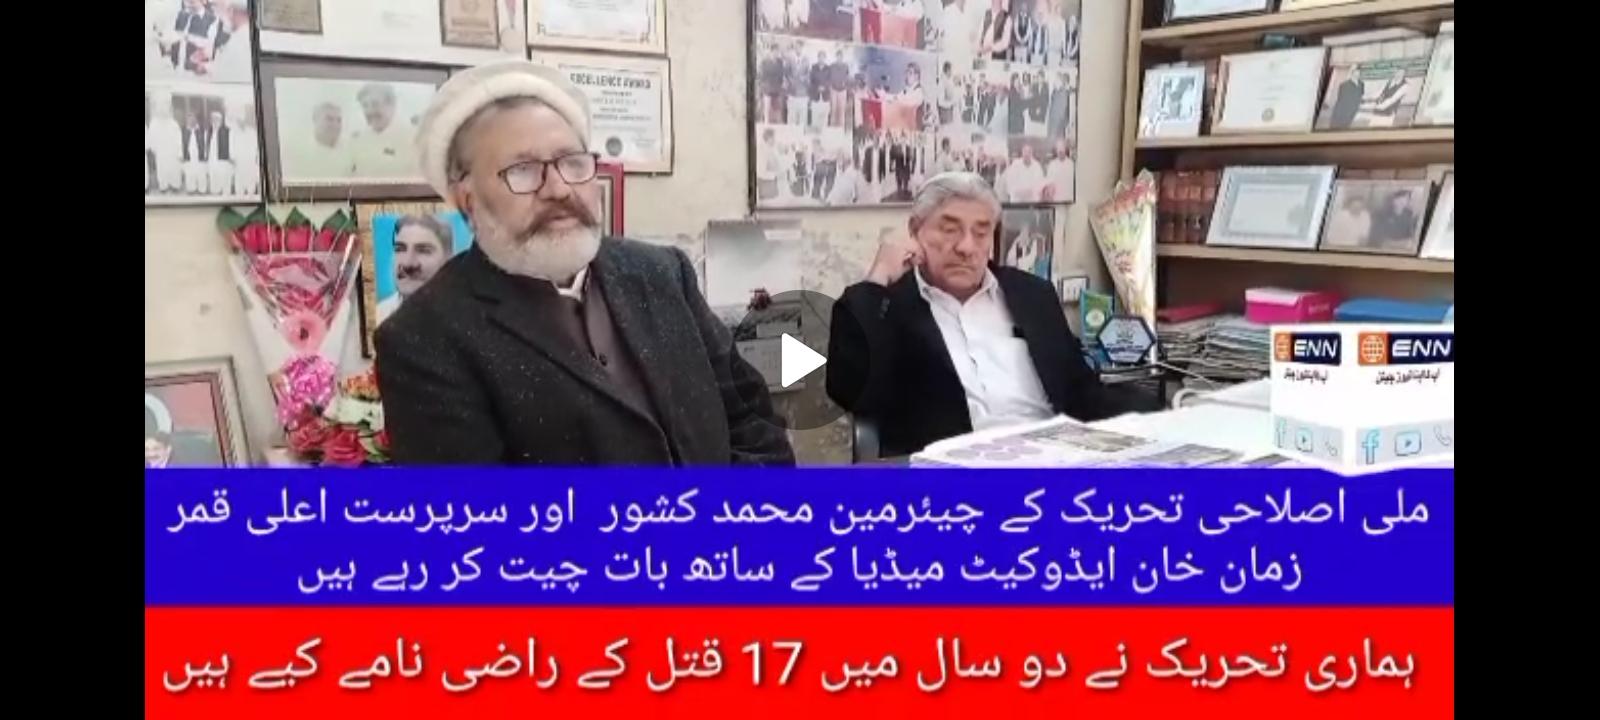 ملی اصلاحی تحریک کے چیئرمین محمد کشور خان  اور سرپرست اعلی قمر زمان خان ایڈوکیٹ میڈیا کے ساتھ بات چیت